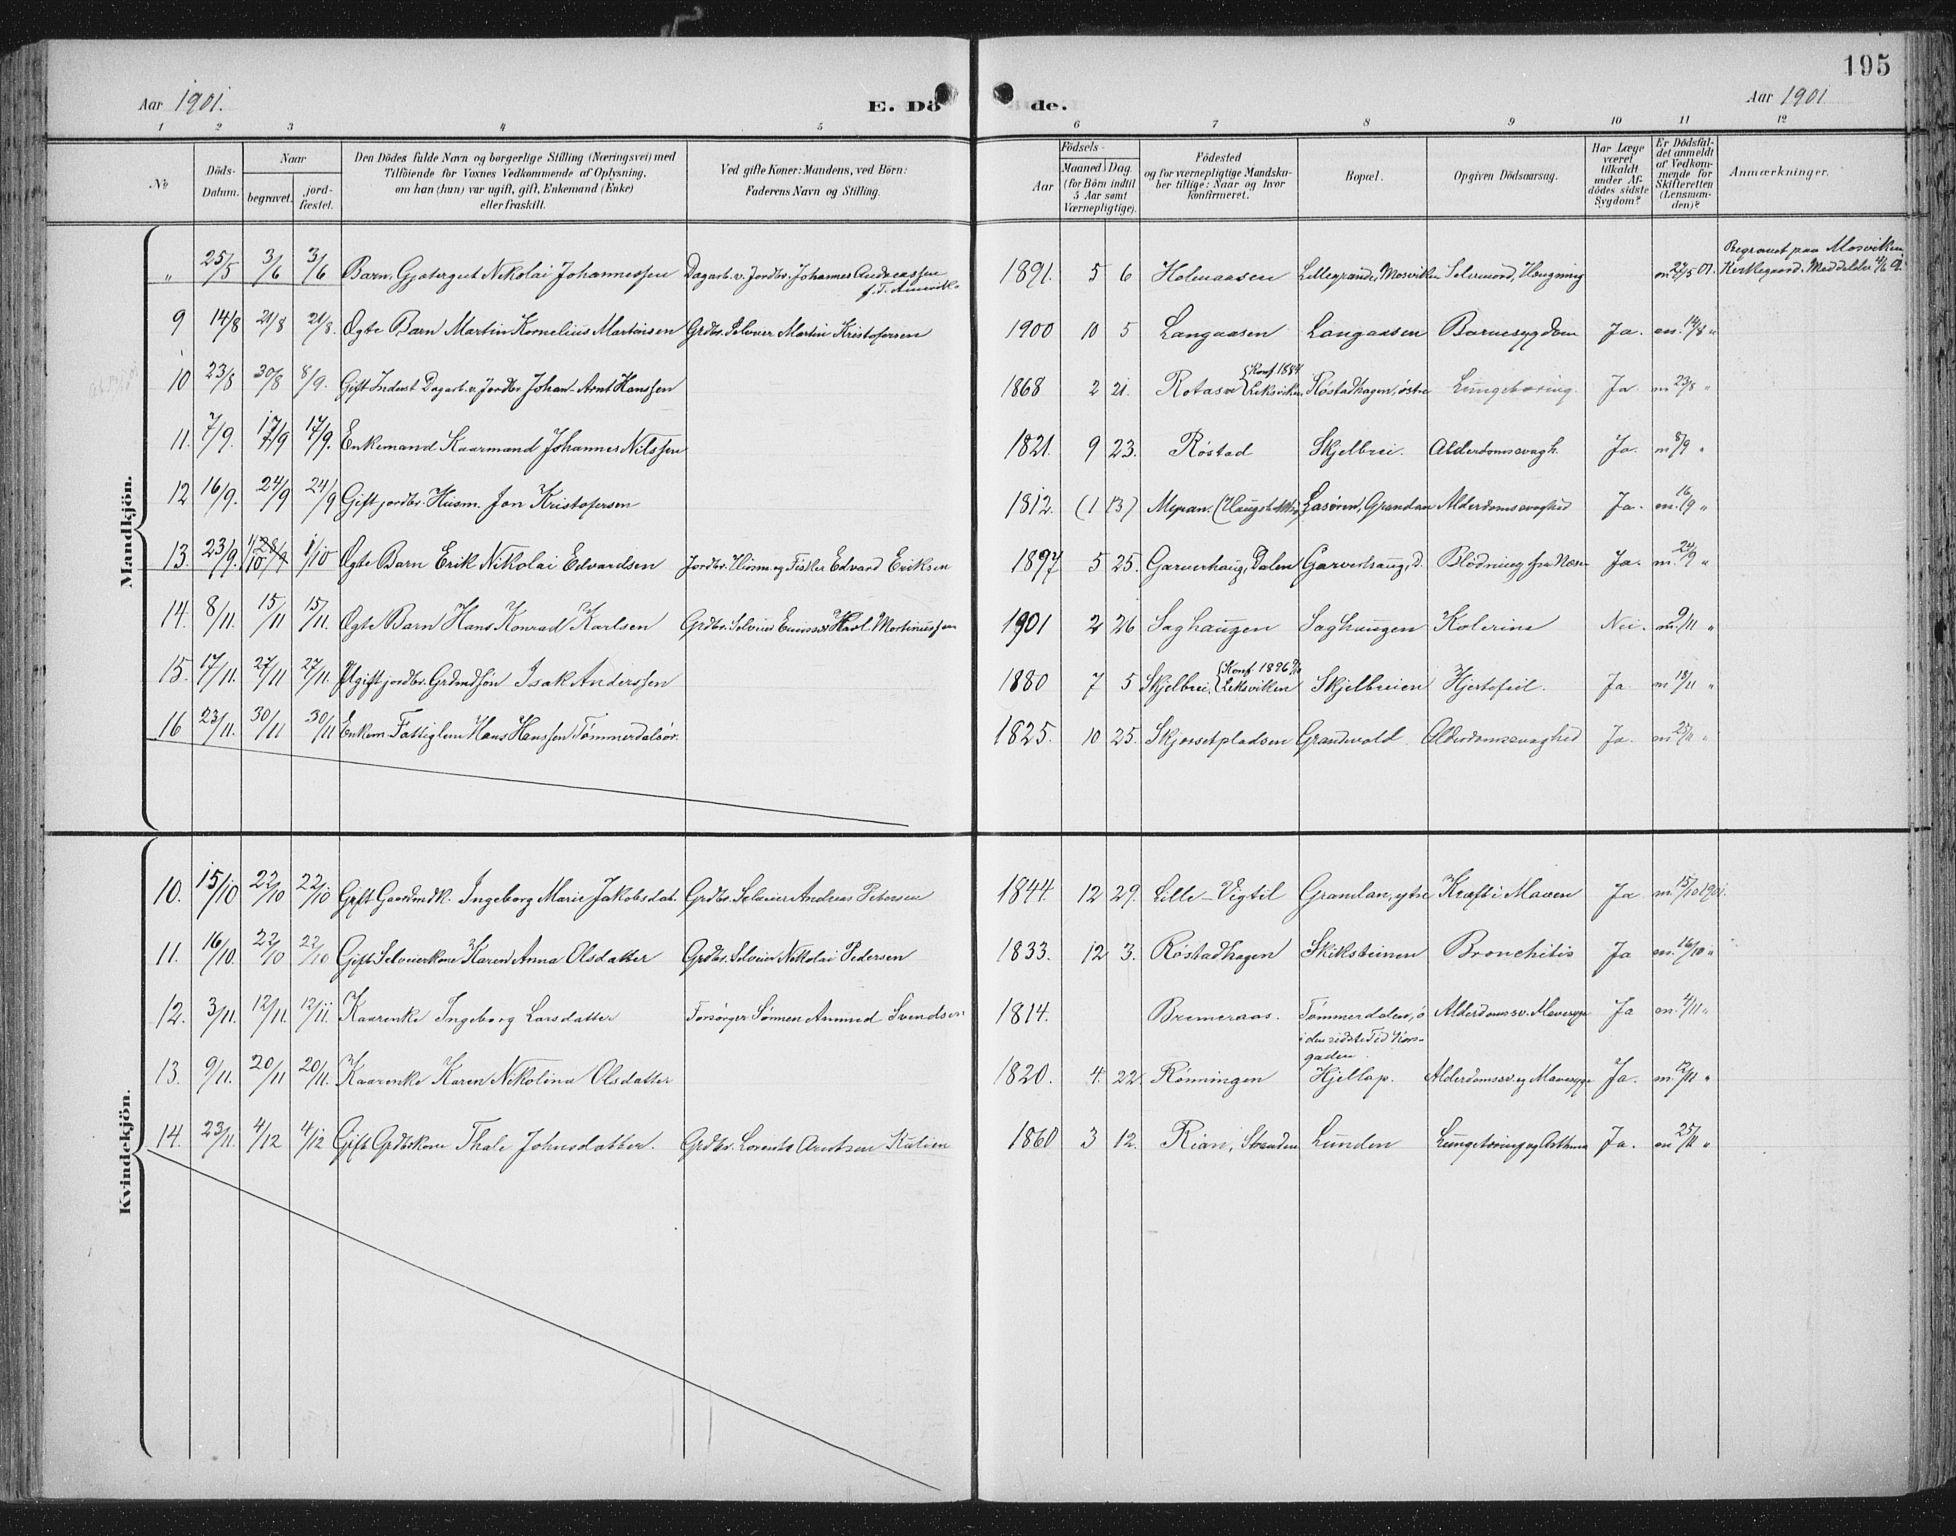 SAT, Ministerialprotokoller, klokkerbøker og fødselsregistre - Nord-Trøndelag, 701/L0011: Ministerialbok nr. 701A11, 1899-1915, s. 195